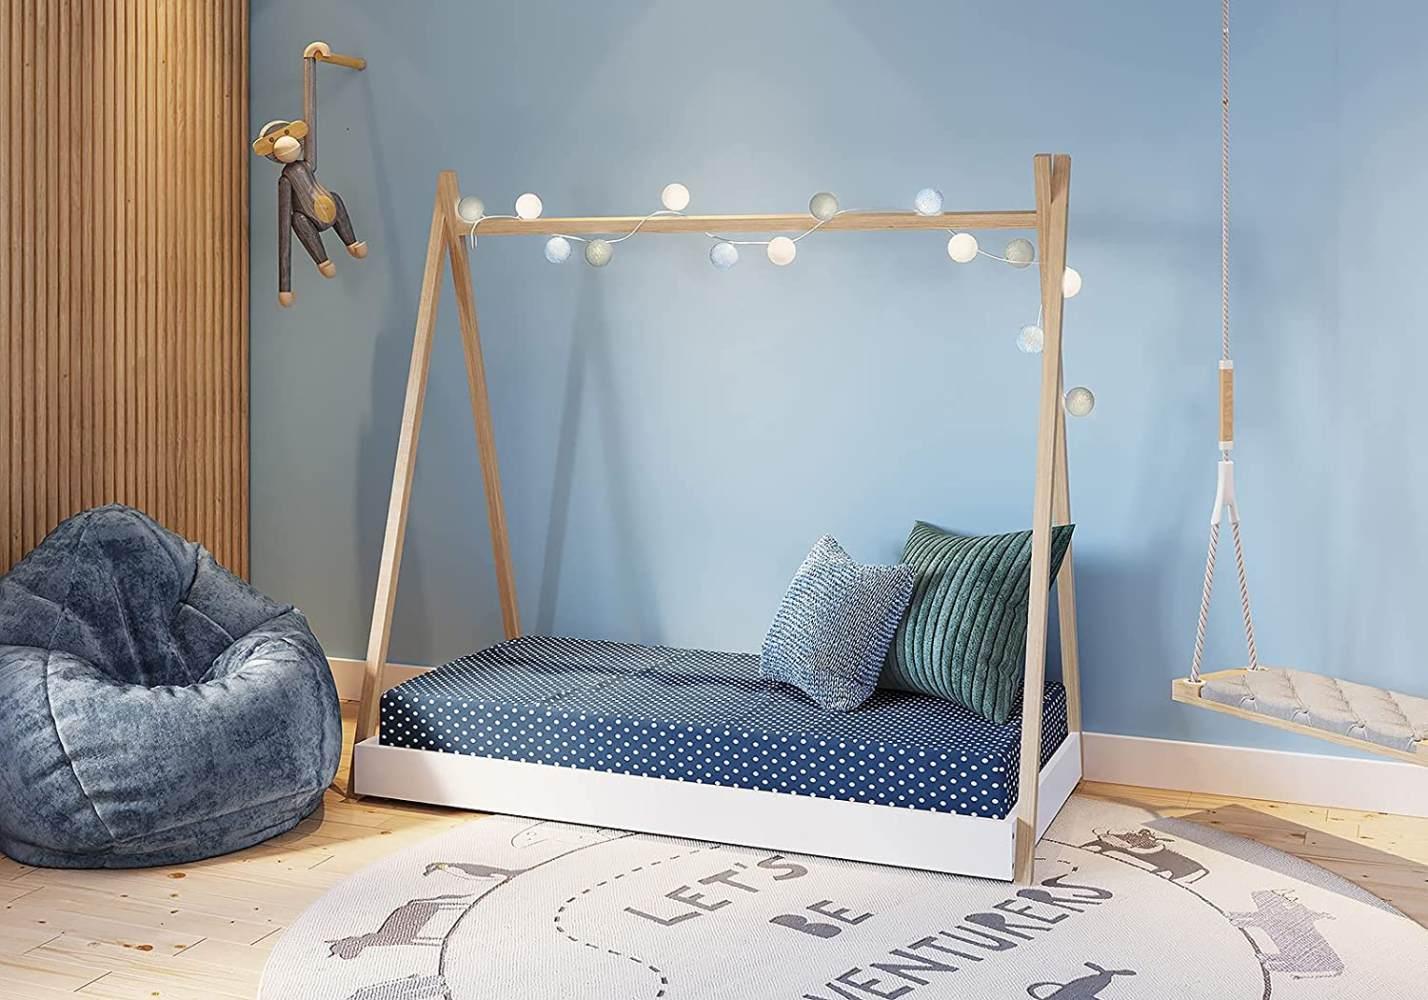 FabiMax 'Tipi' Kinderbett, 80 x 160 cm, weiß/natur, Kiefer massiv, inkl. Lattenrost und Matratze Classic Bild 1